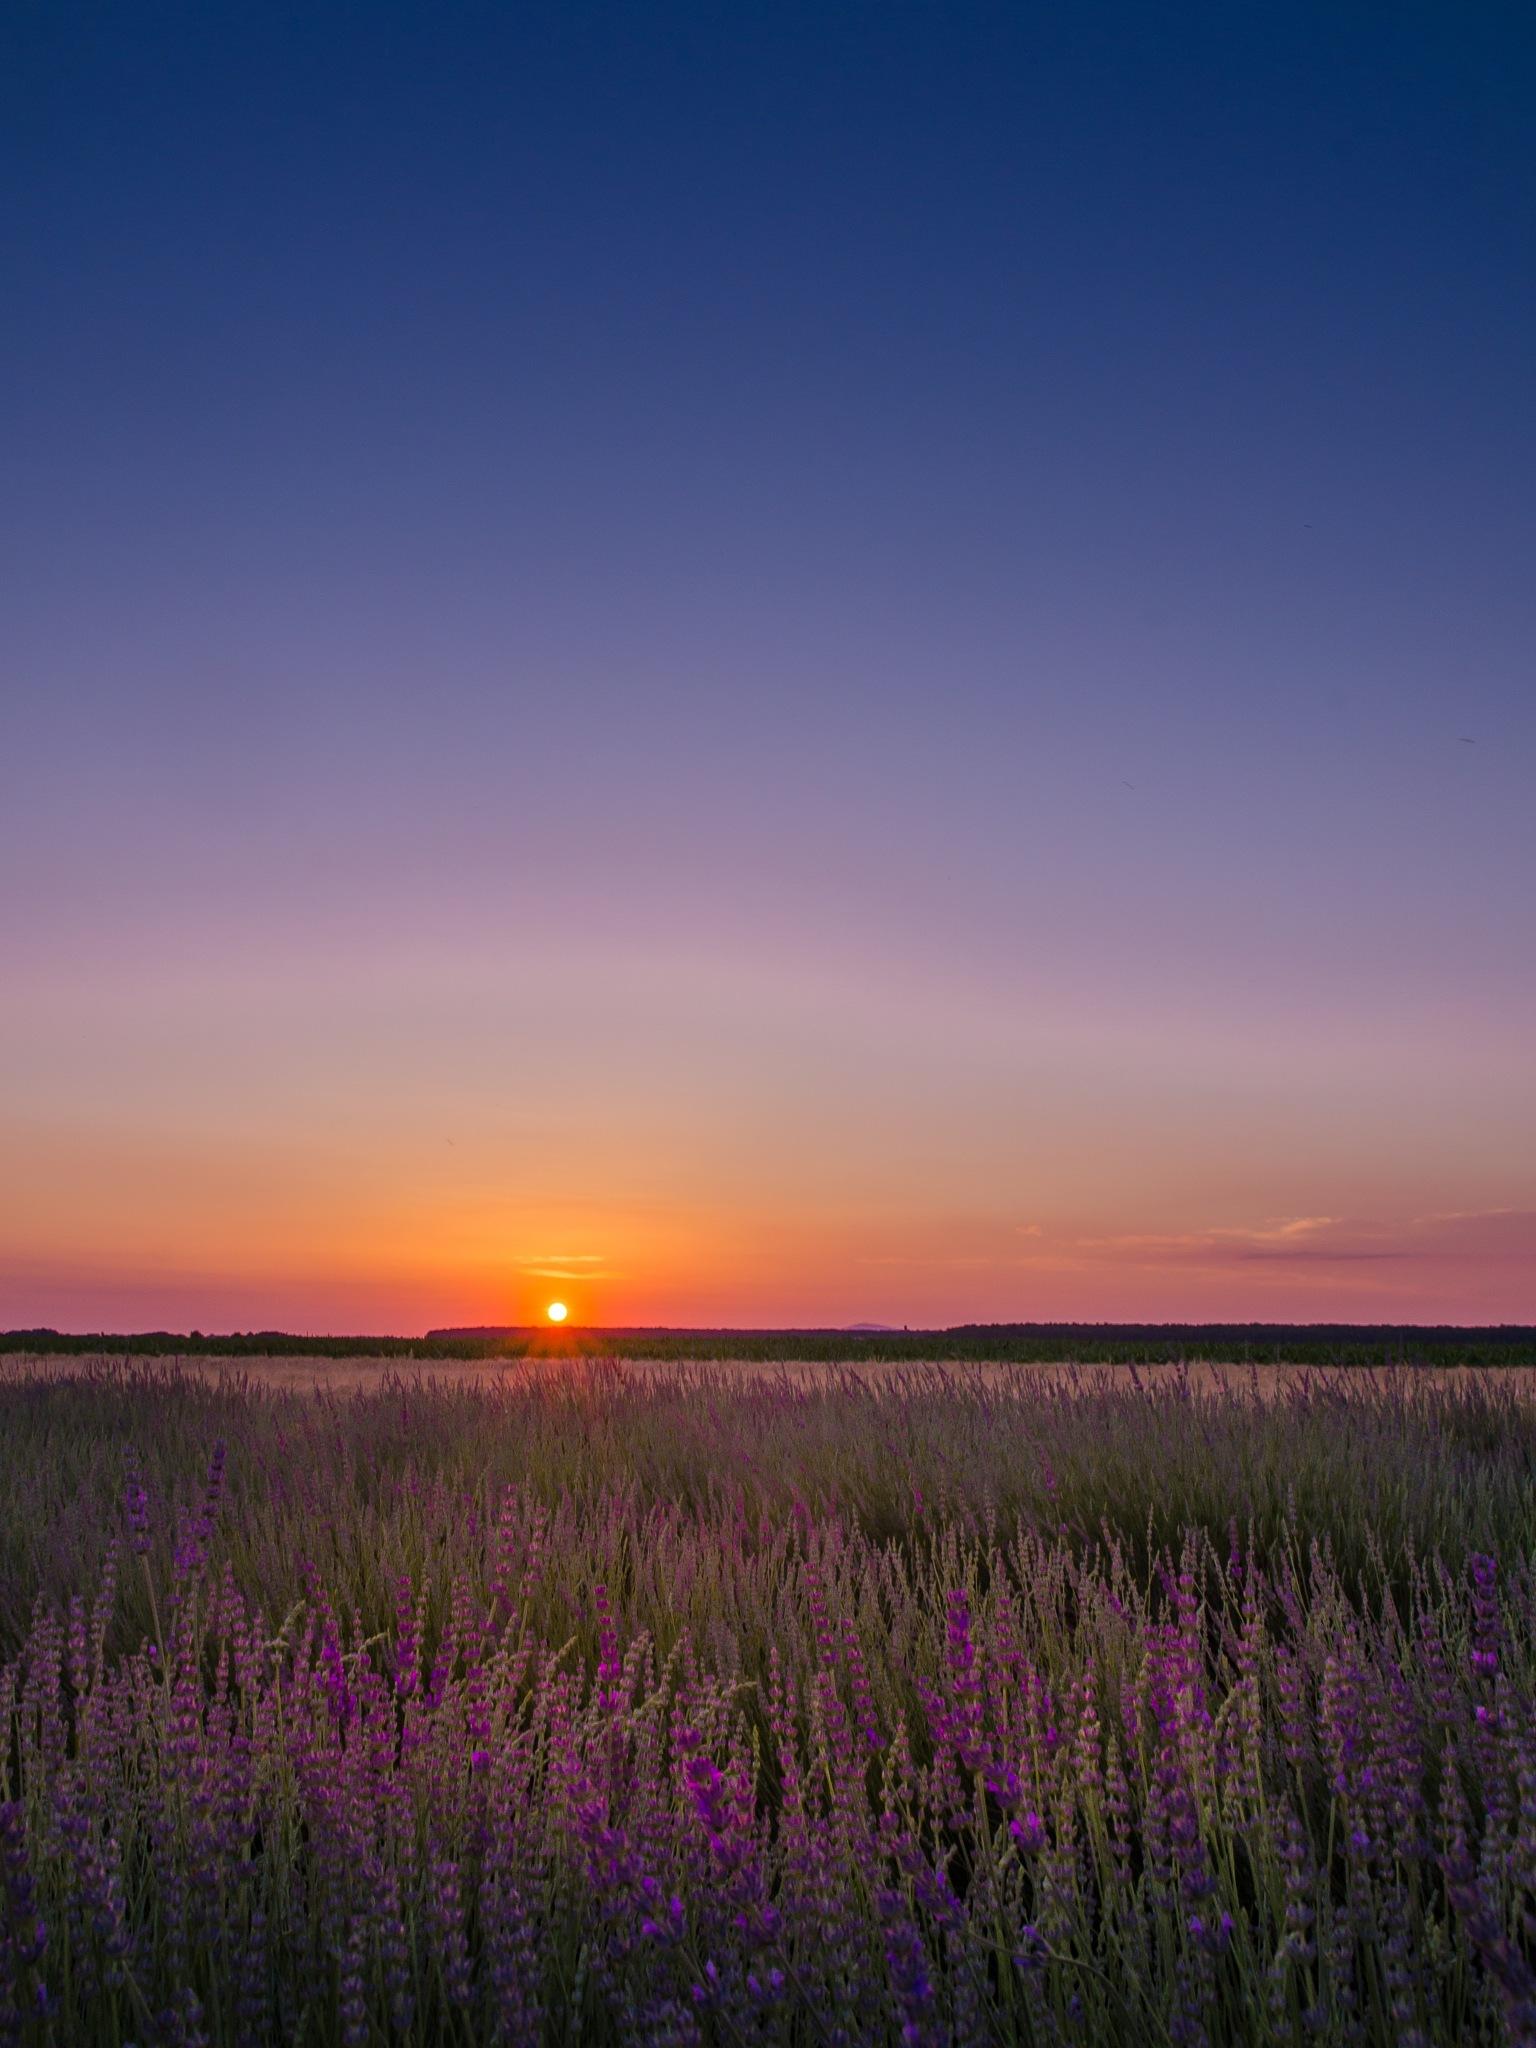 Suinset in fields by Nenad Milic